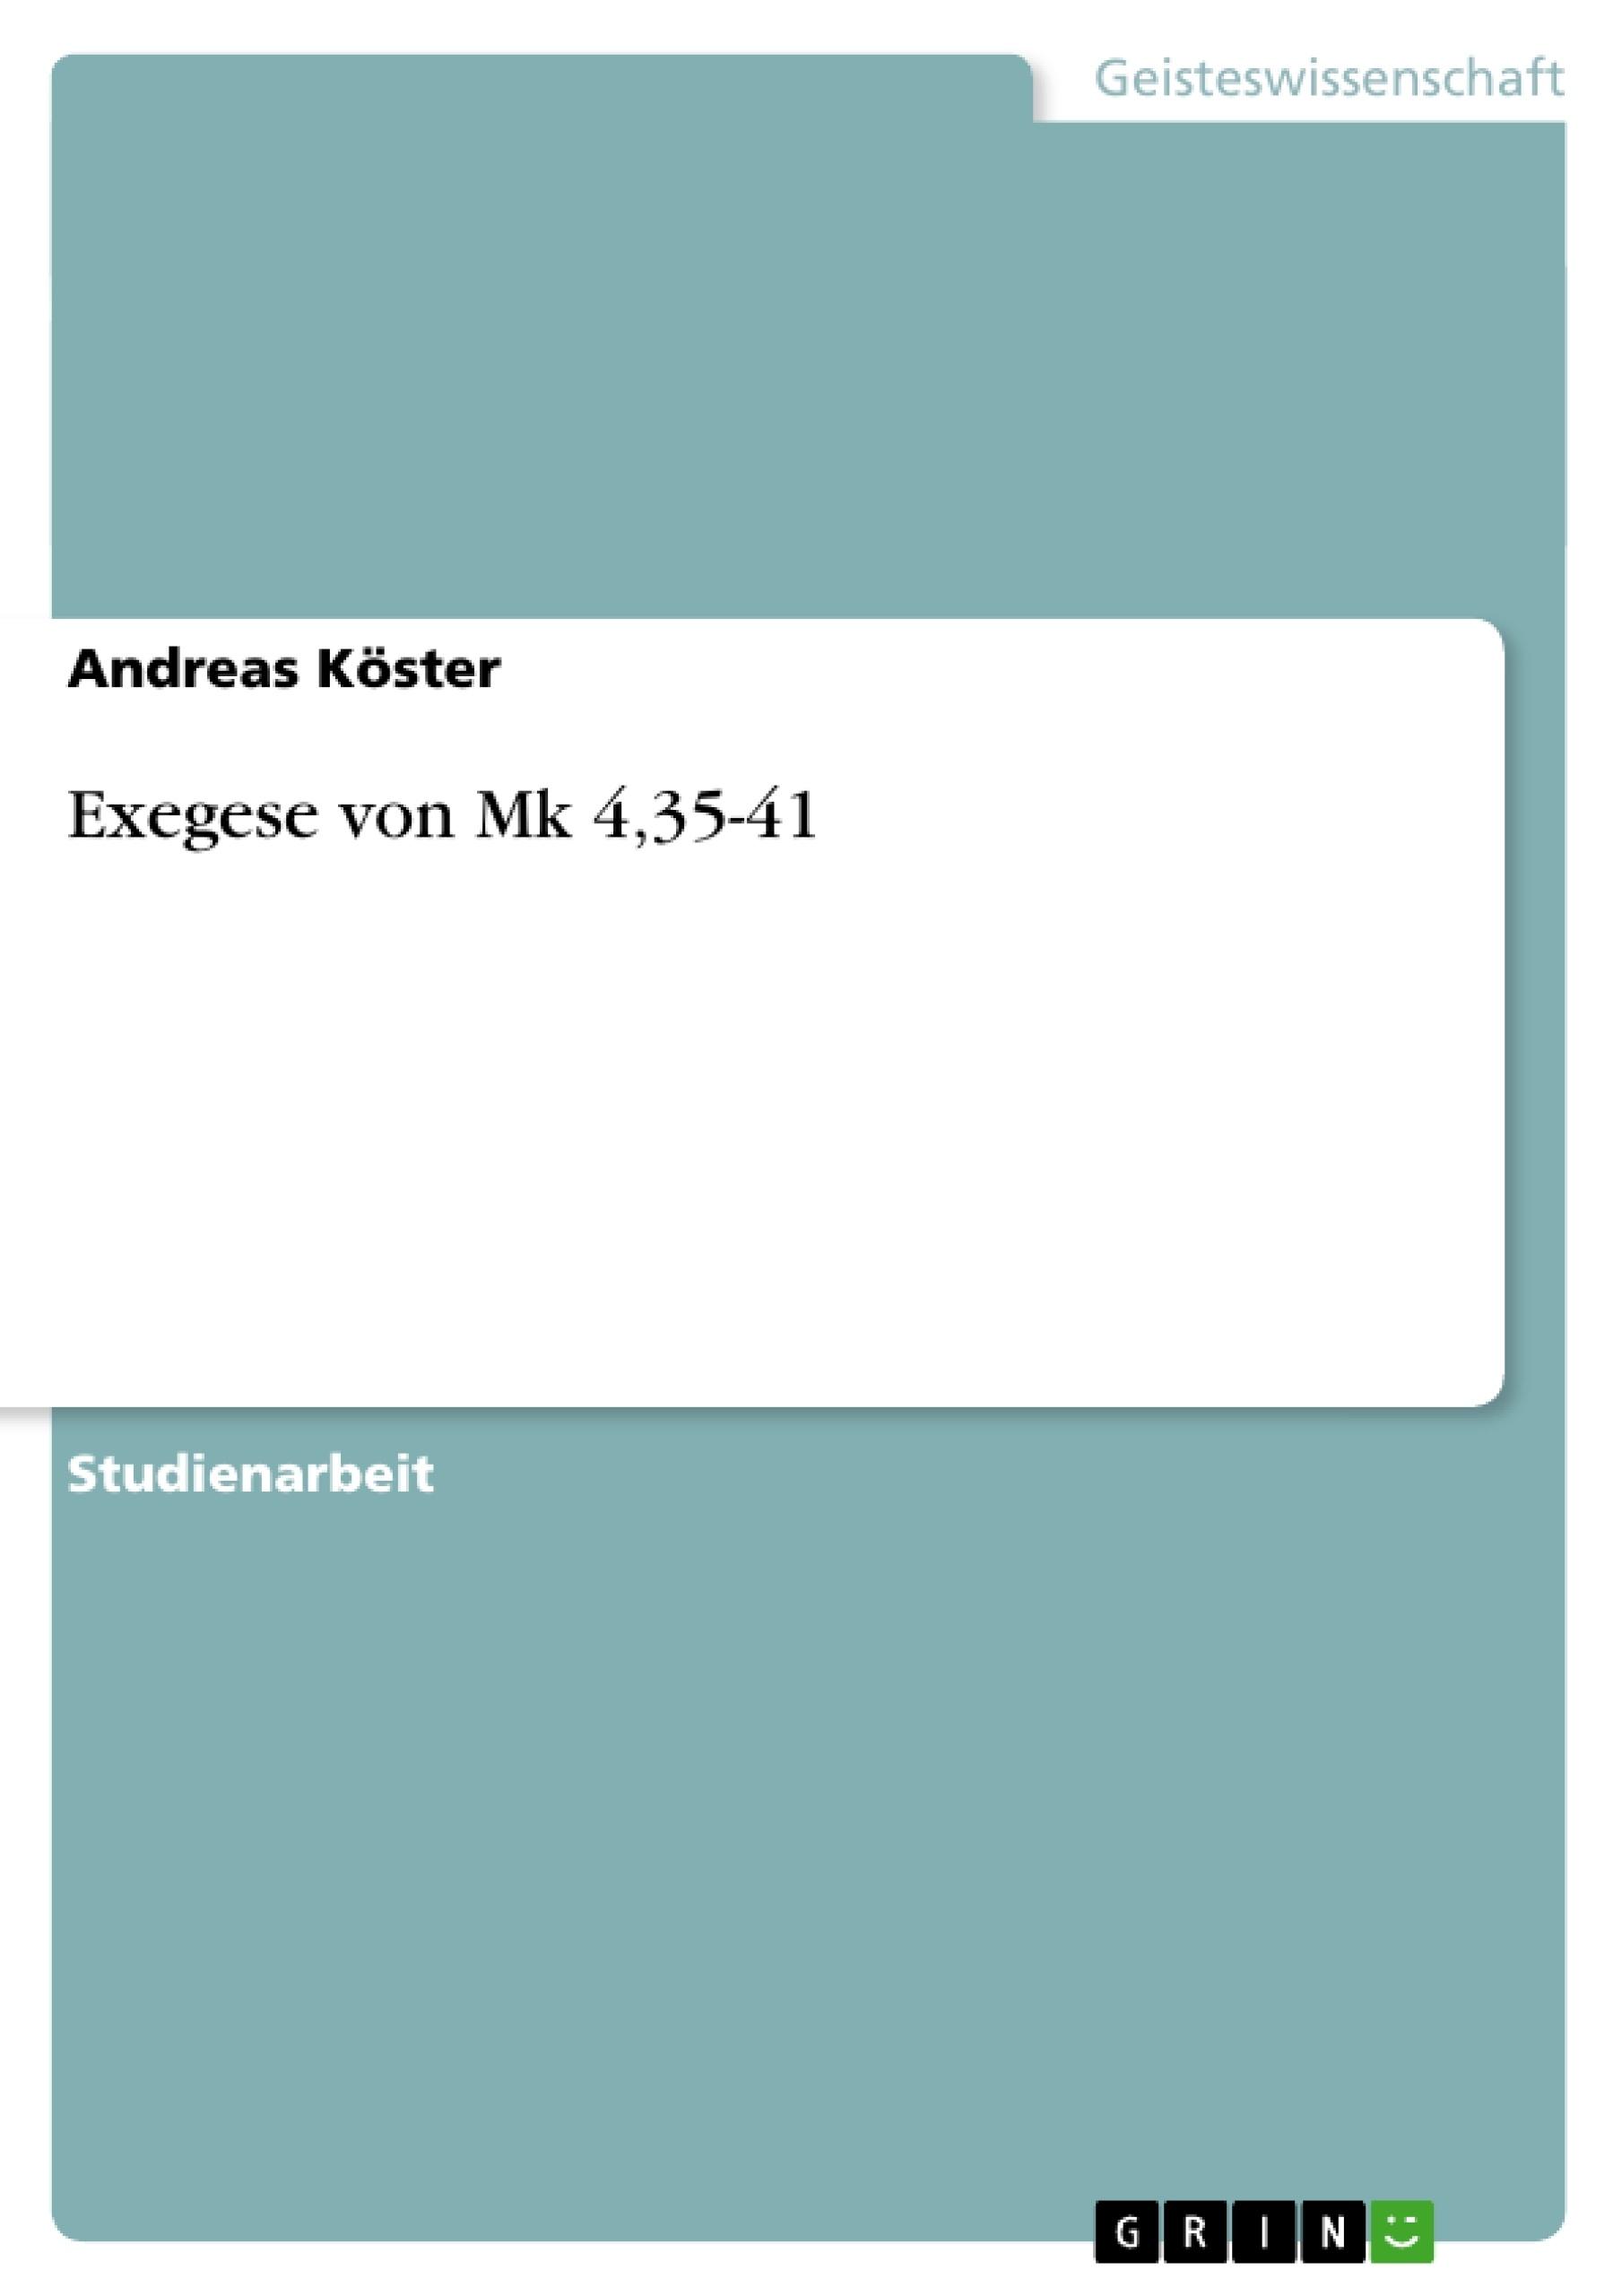 Titel: Exegese von Mk 4,35-41